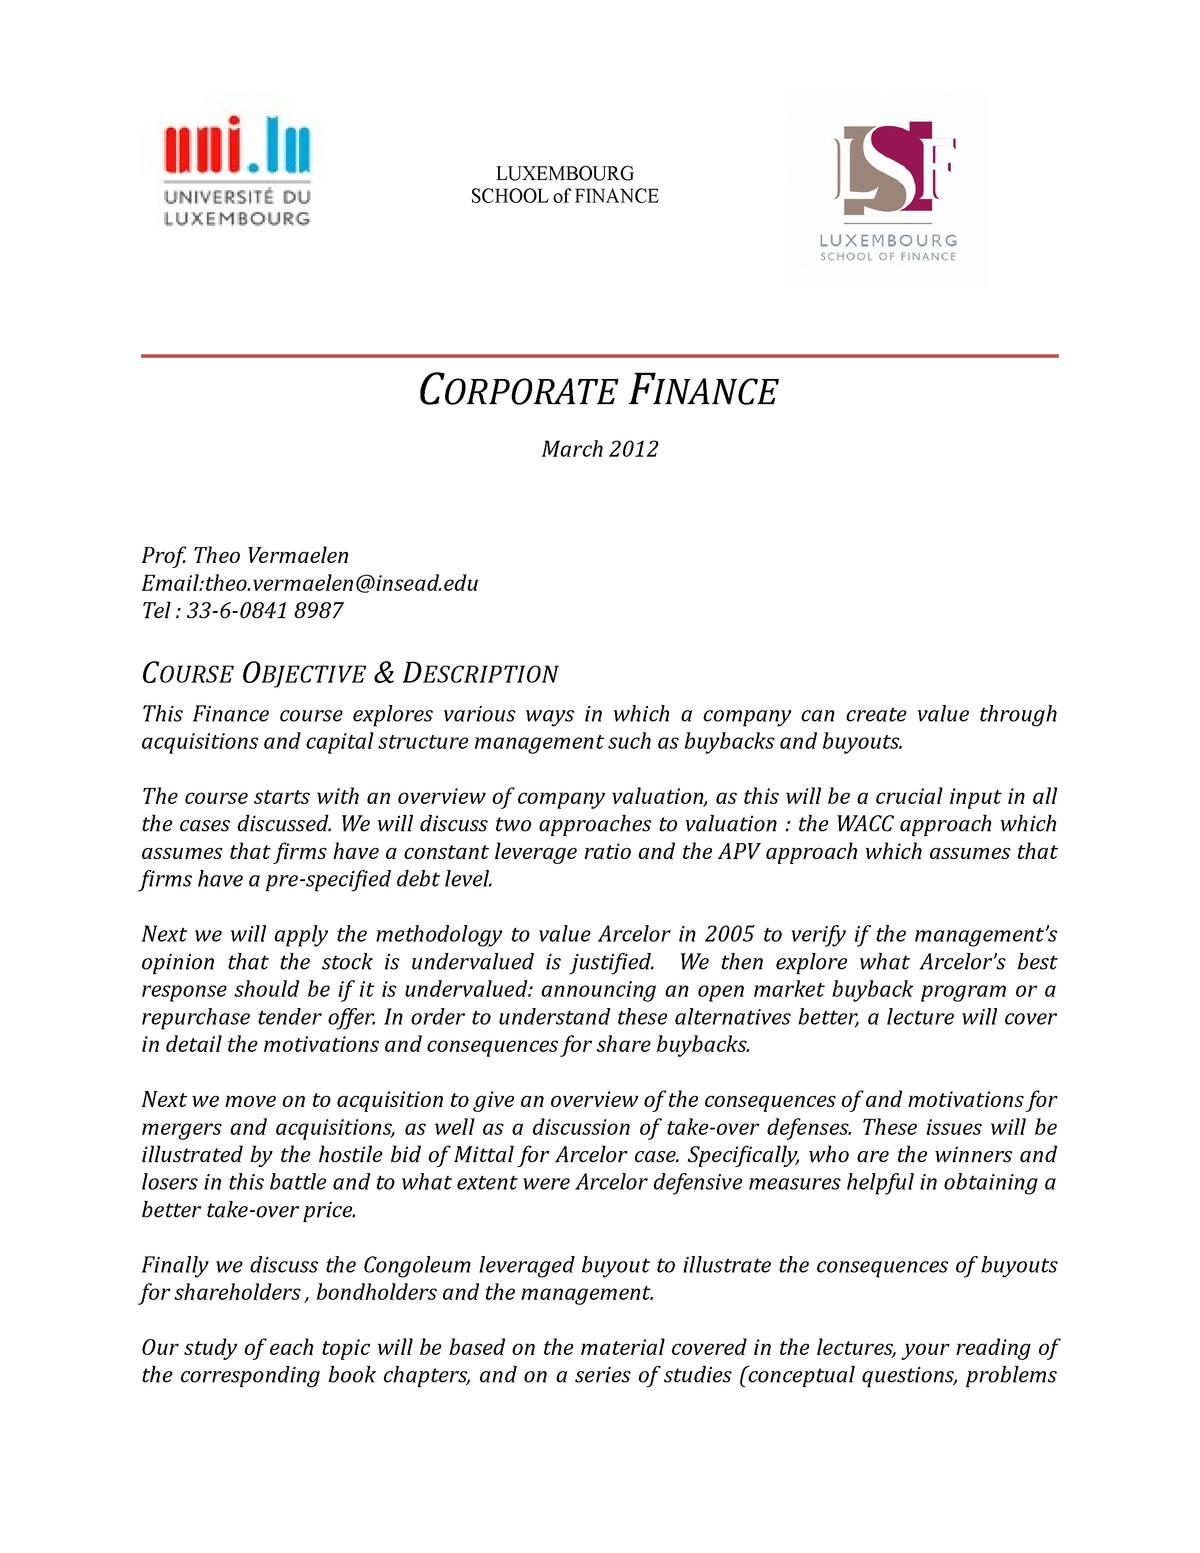 Outline Corporate Finance ii Vermaelen - 001 - StuDocu